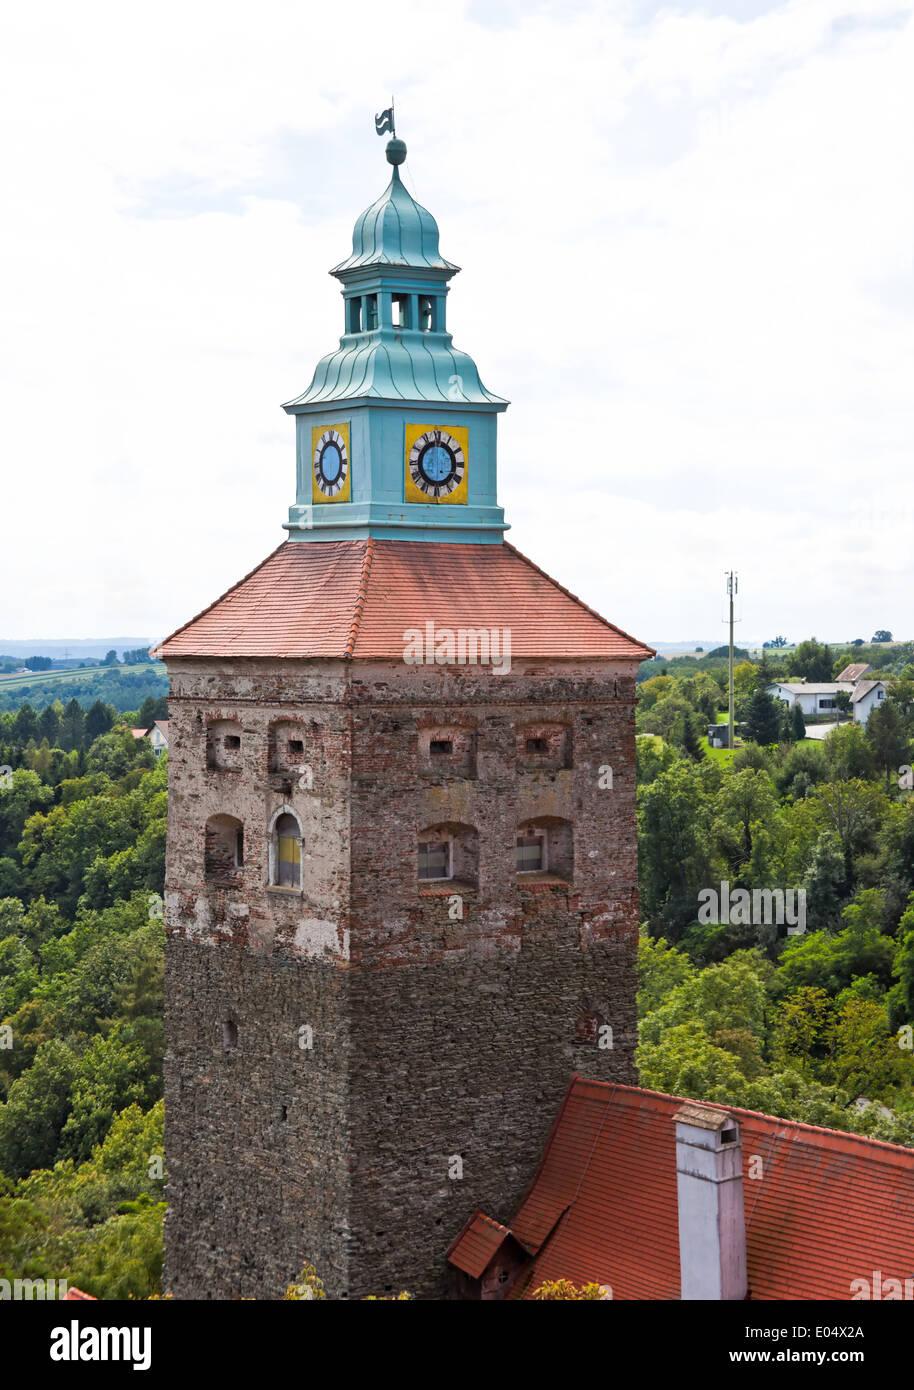 Europe, Austria, Burgenland, Stadtschlaiming, town view, Europa, Oesterreich, Stadtansicht - Stock Image